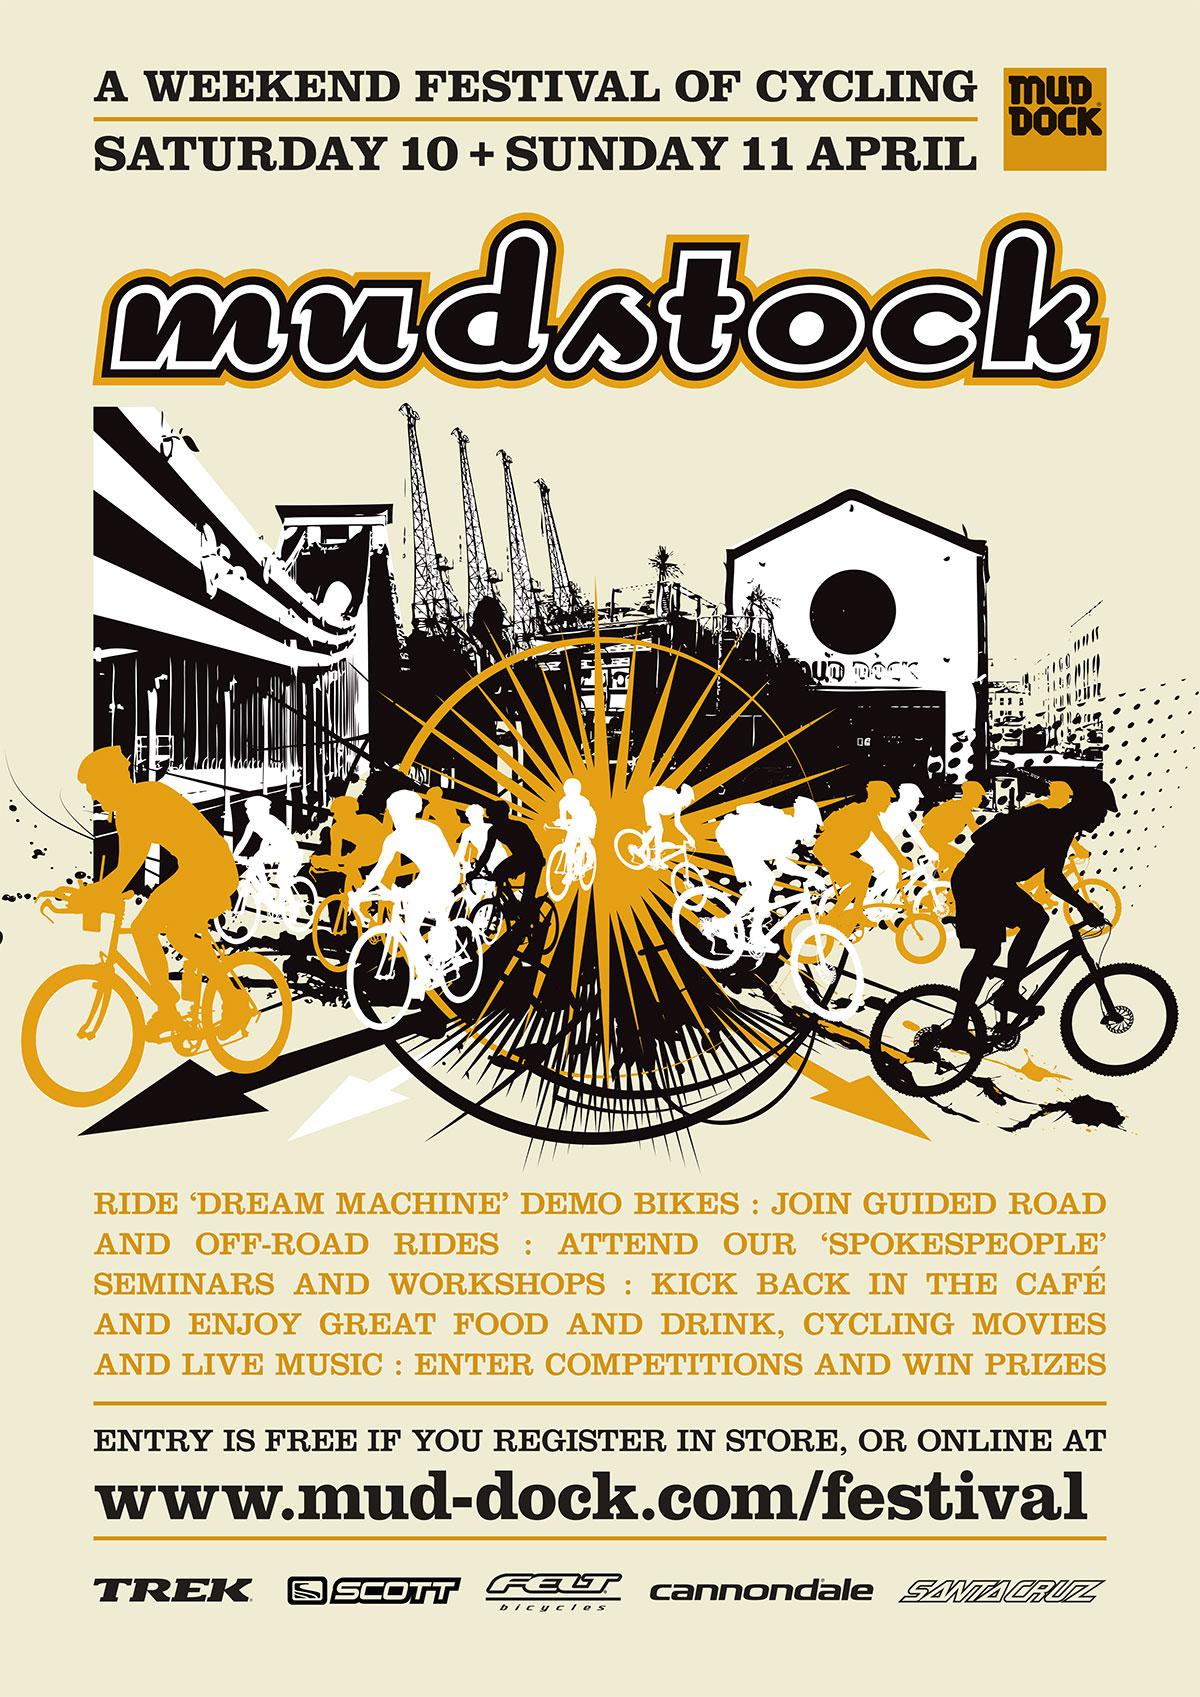 Mudstock poster, 2010